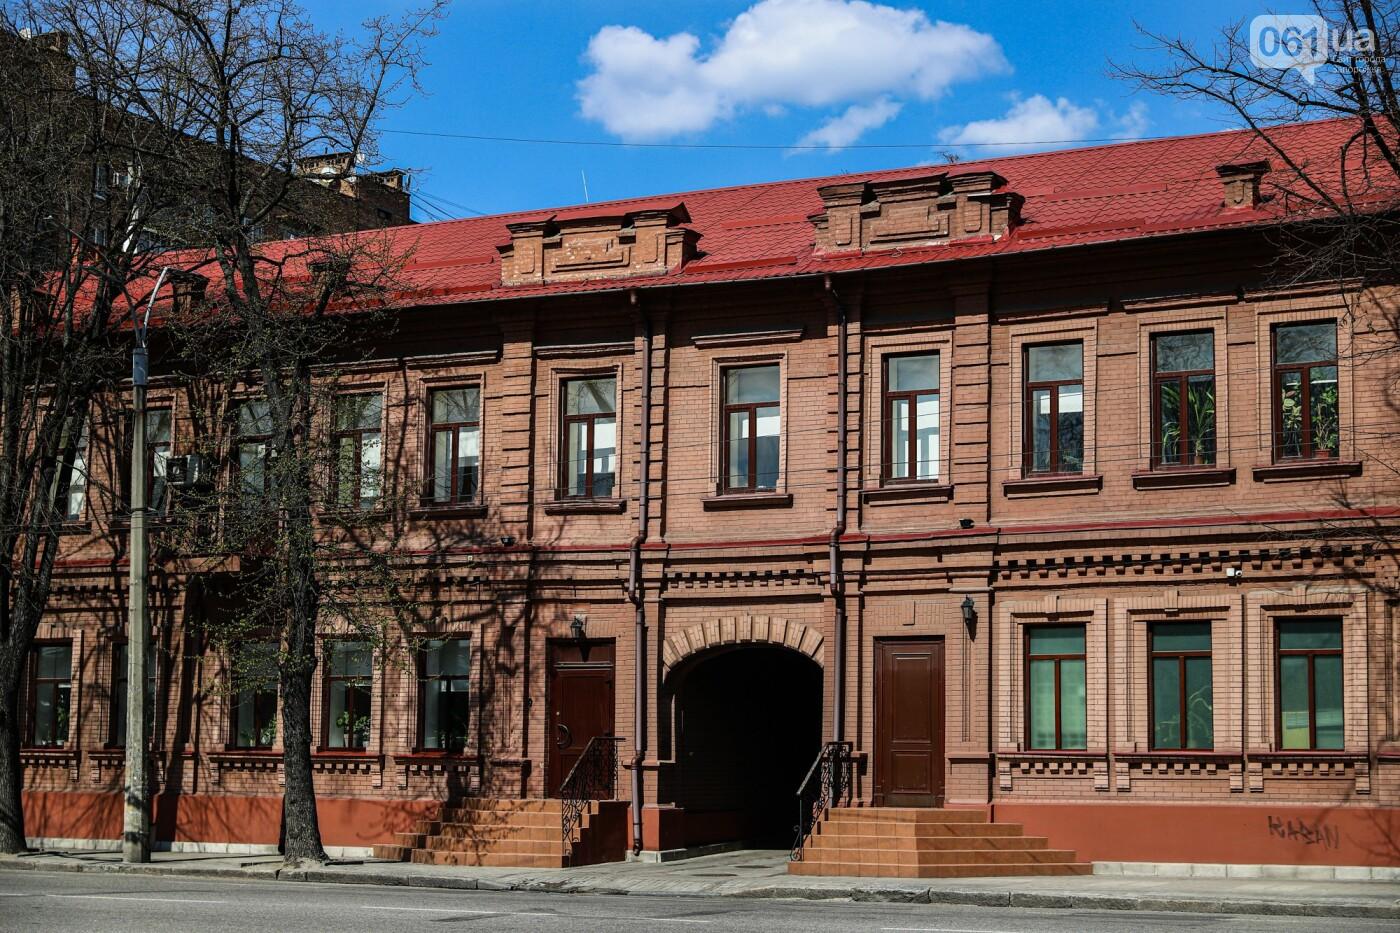 Памятники Старого Александровска: как сейчас выглядит доходный дом Регирера, - ФОТО, фото-2